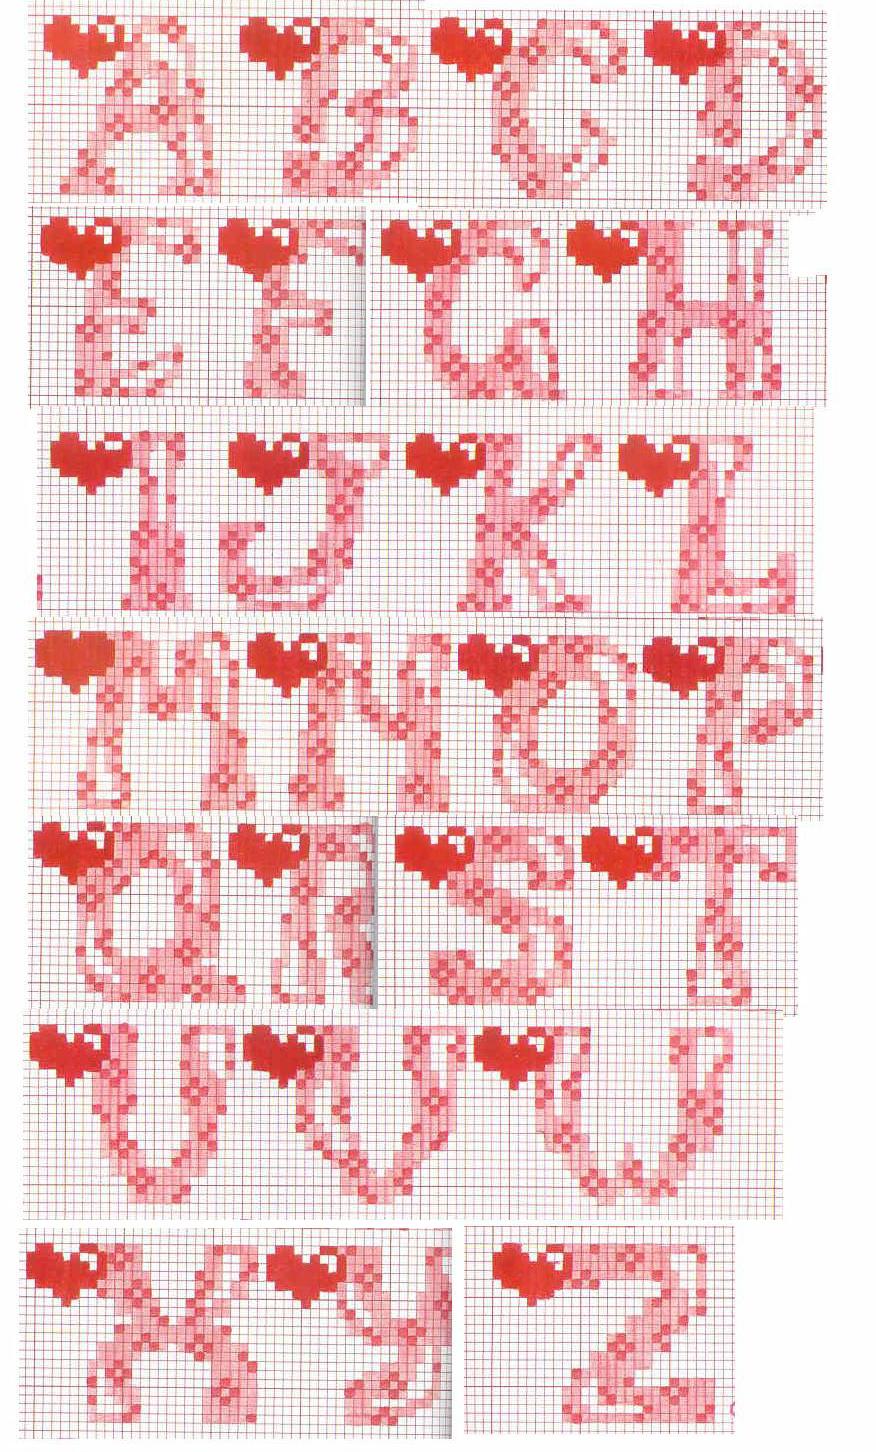 punto croce alfabeti On ricamo a punto croce lettere alfabeto